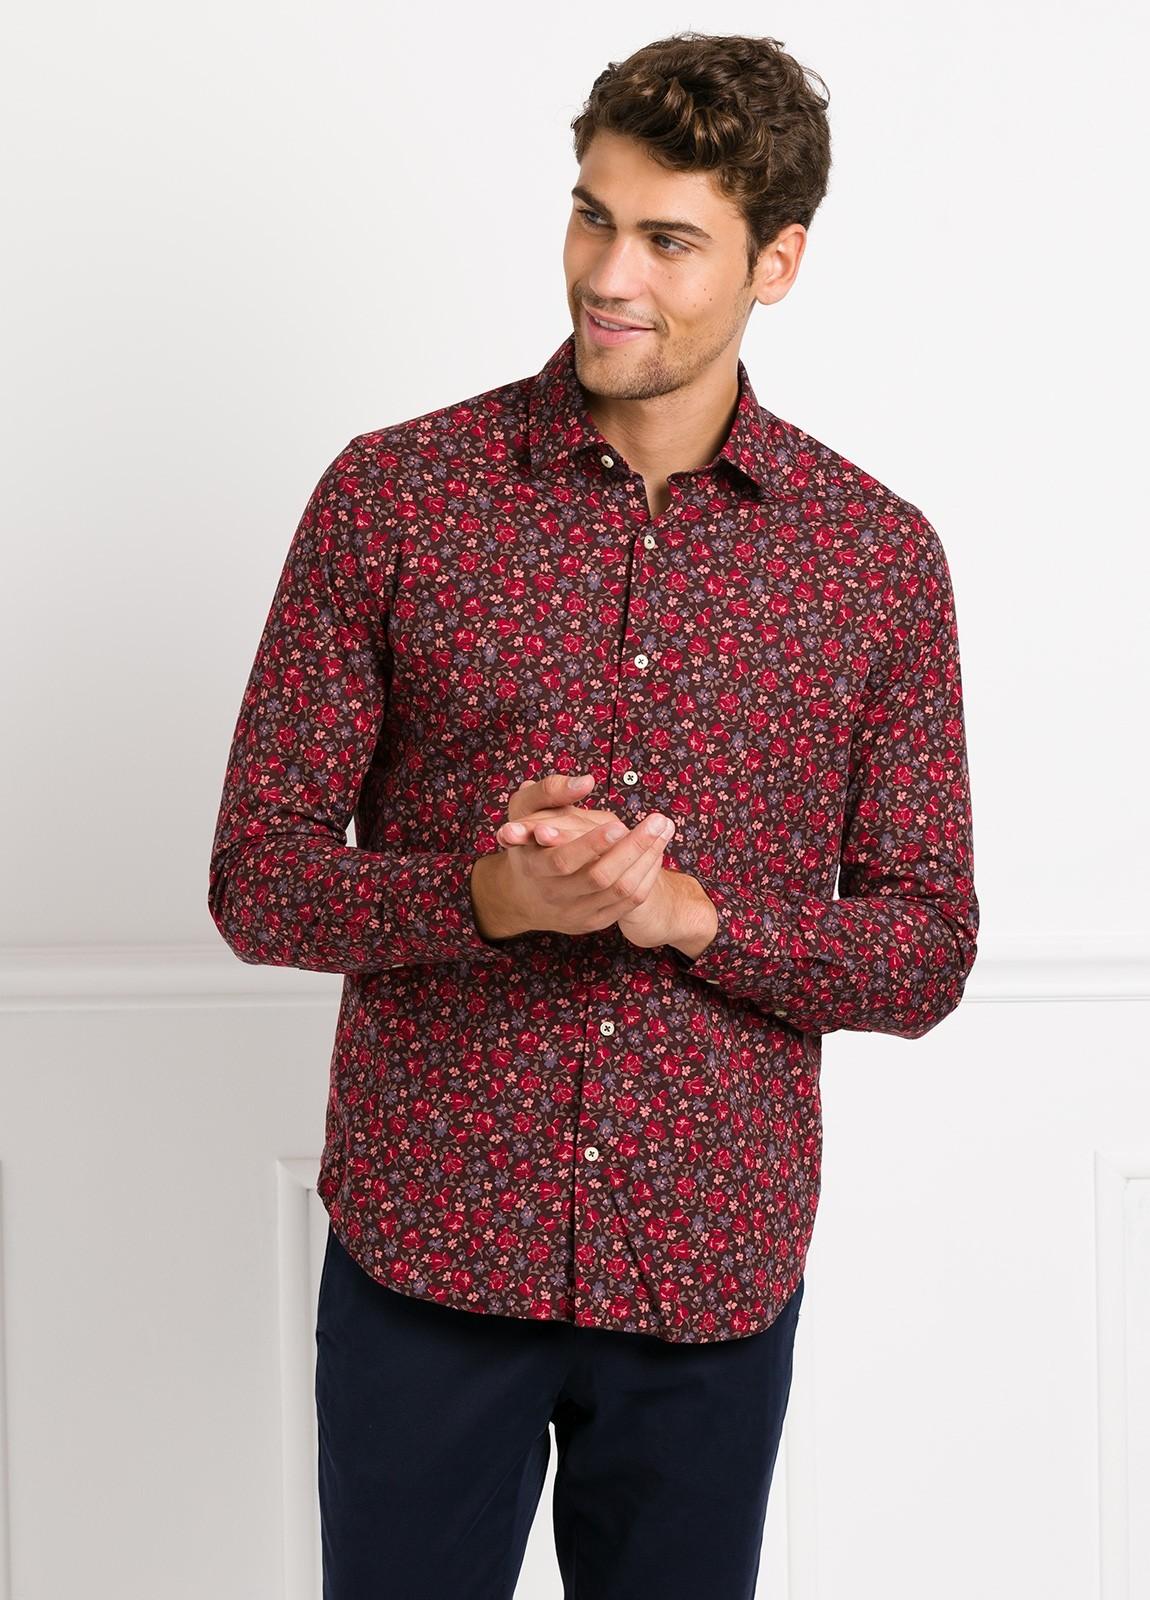 Camisa Leisure Wear SLIM FIT modelo PORTO estampado flores color granate. 100% Algodón.